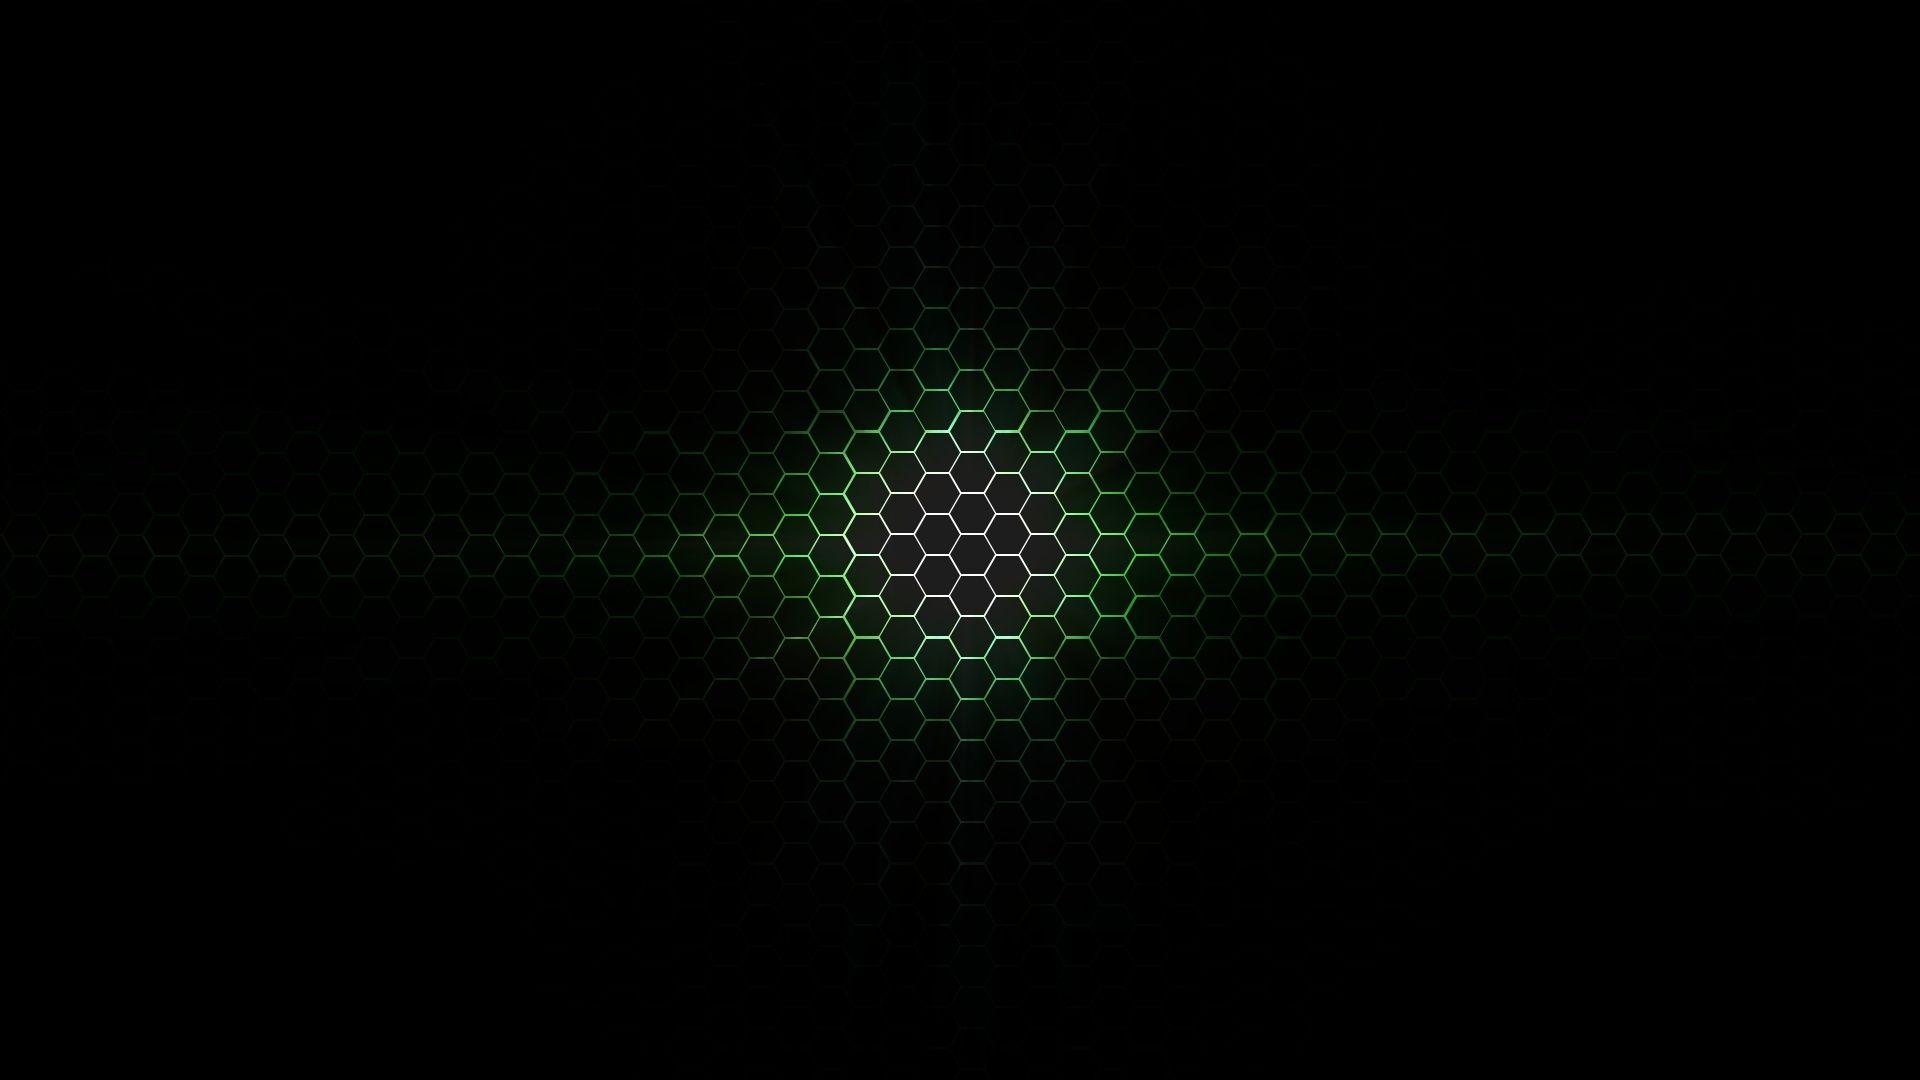 Background erstellen - Wabe -  Waben111